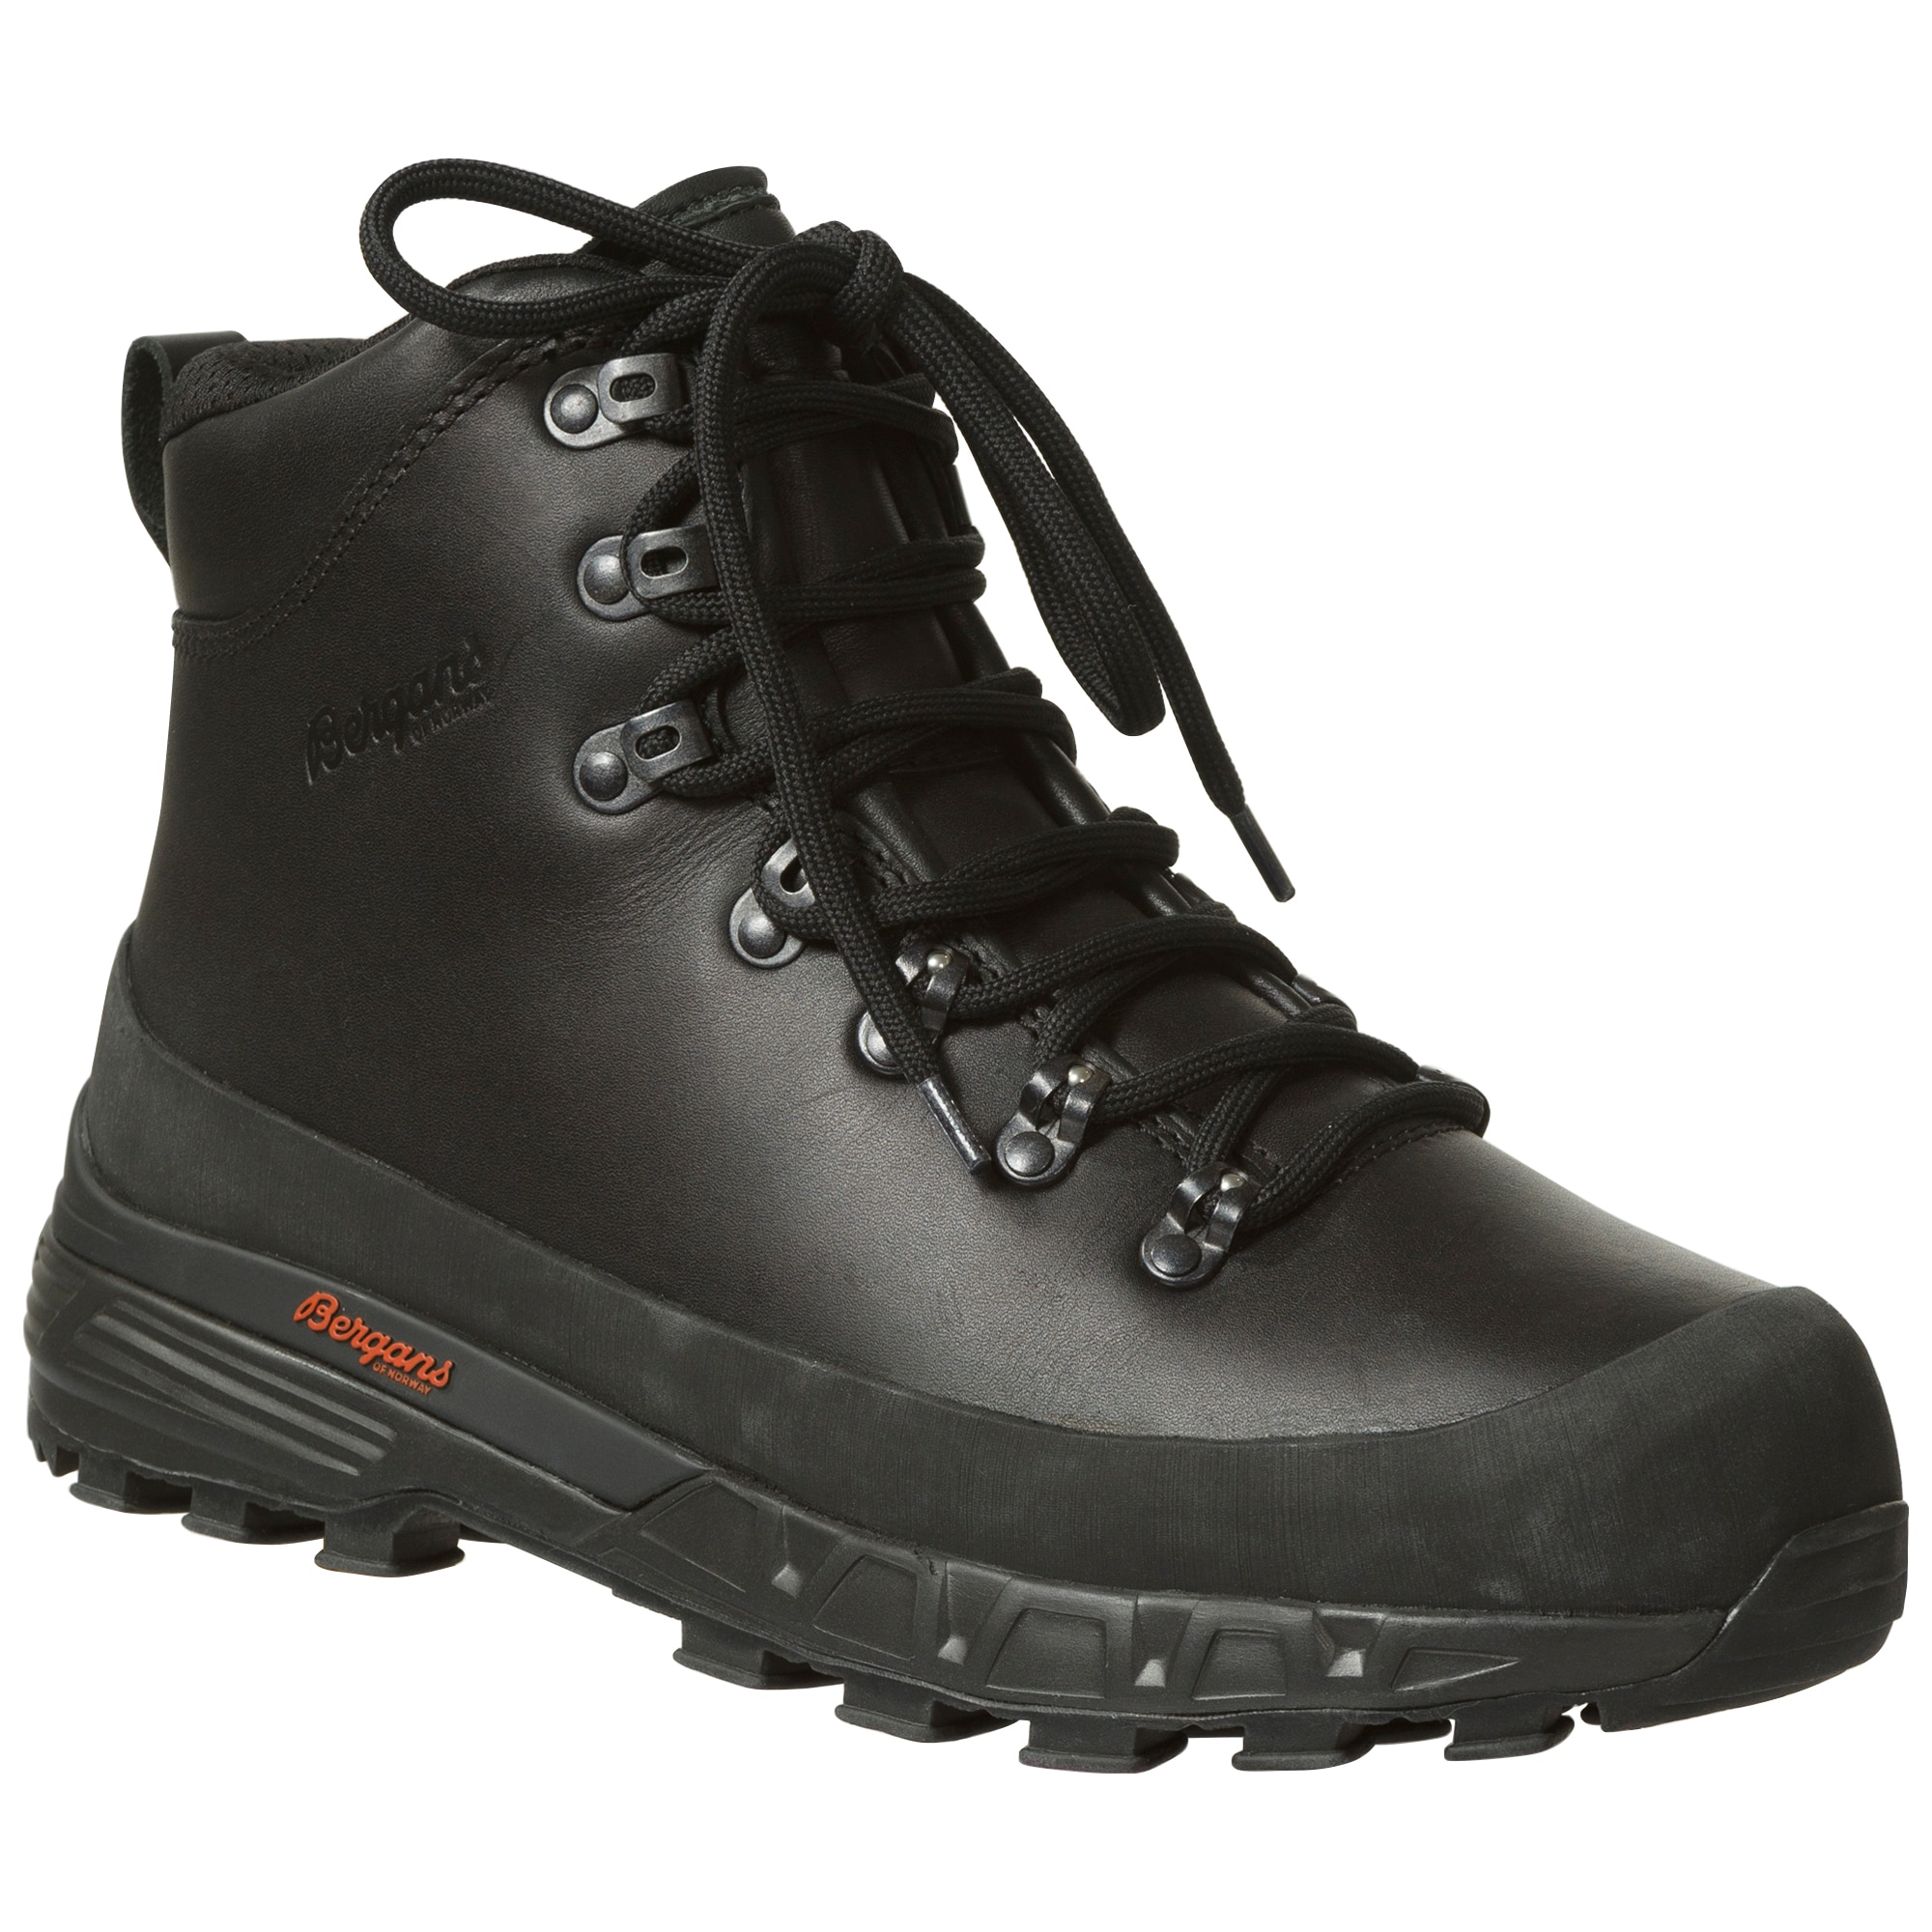 Trollhetta Trekking Boot